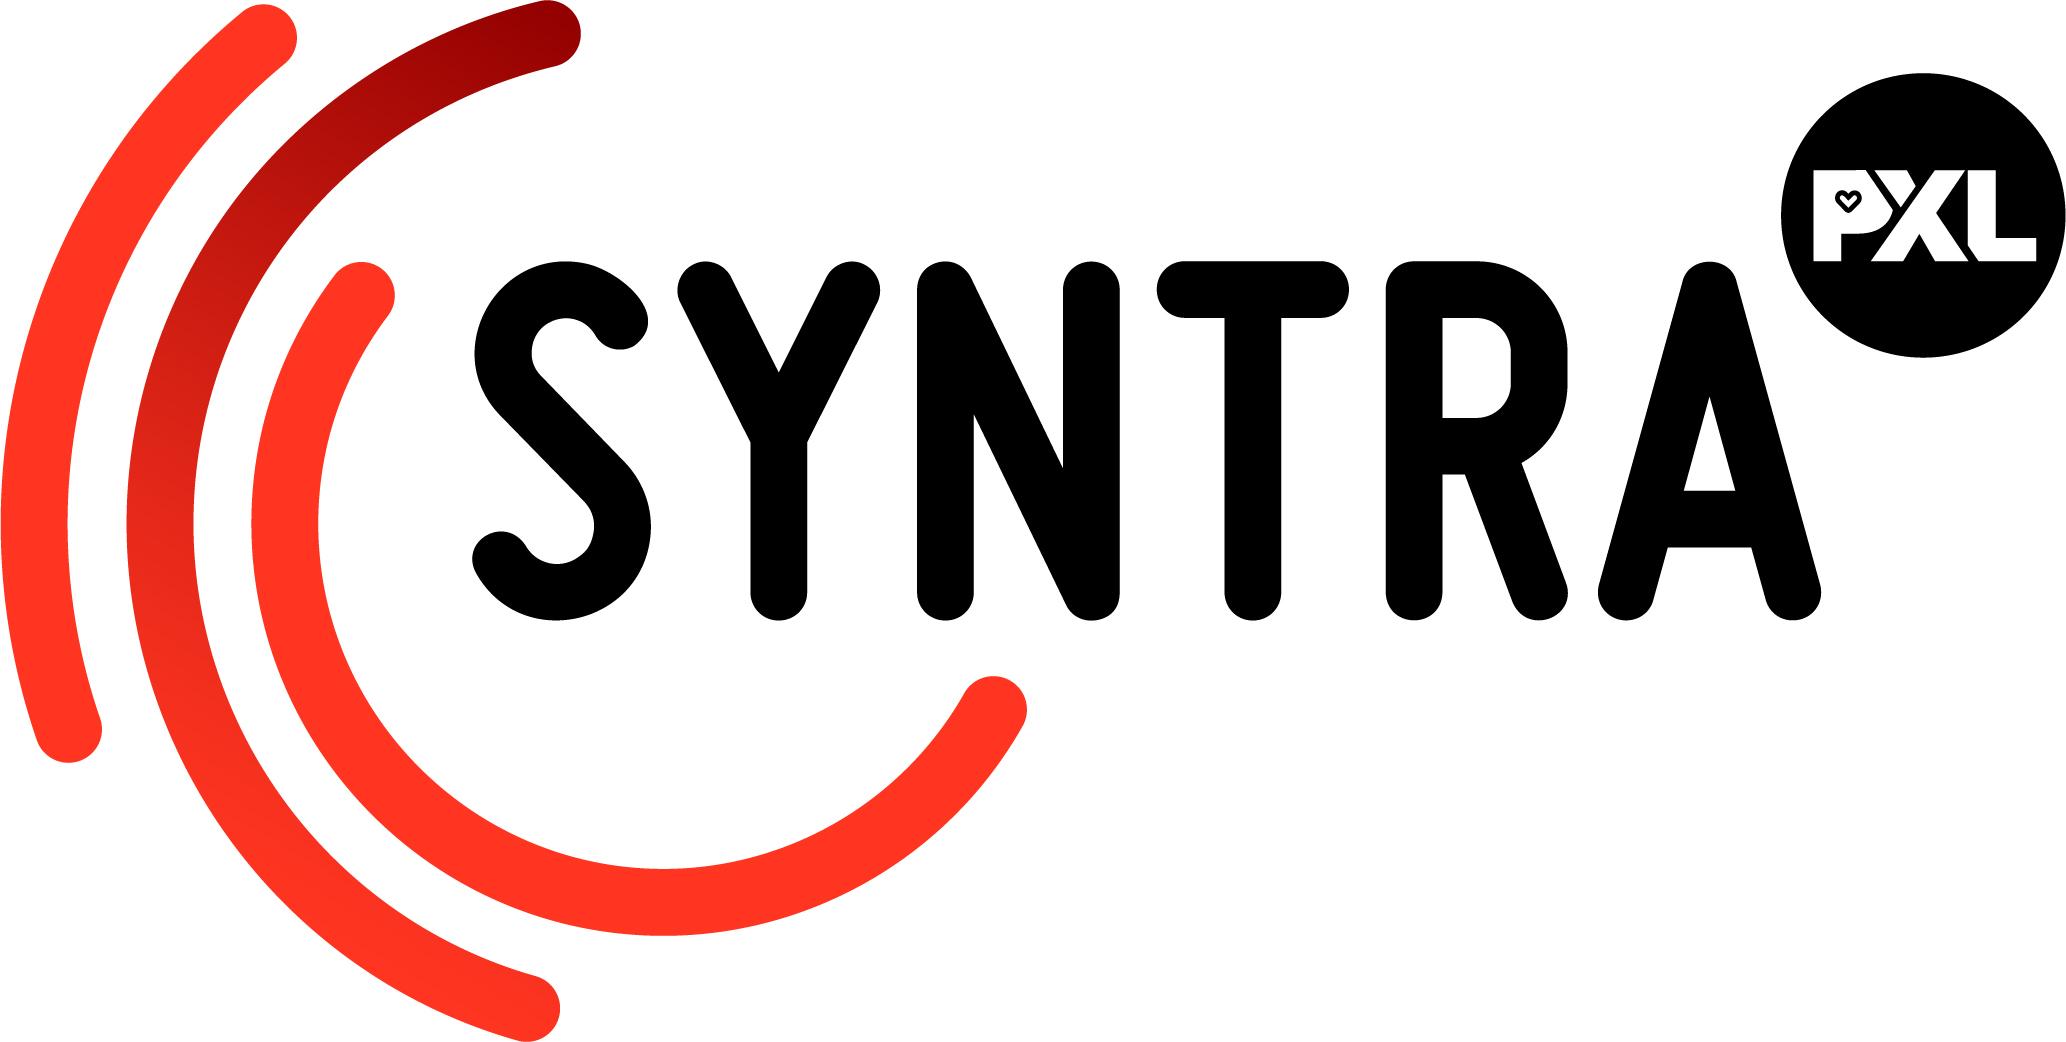 SYNTRA PXL